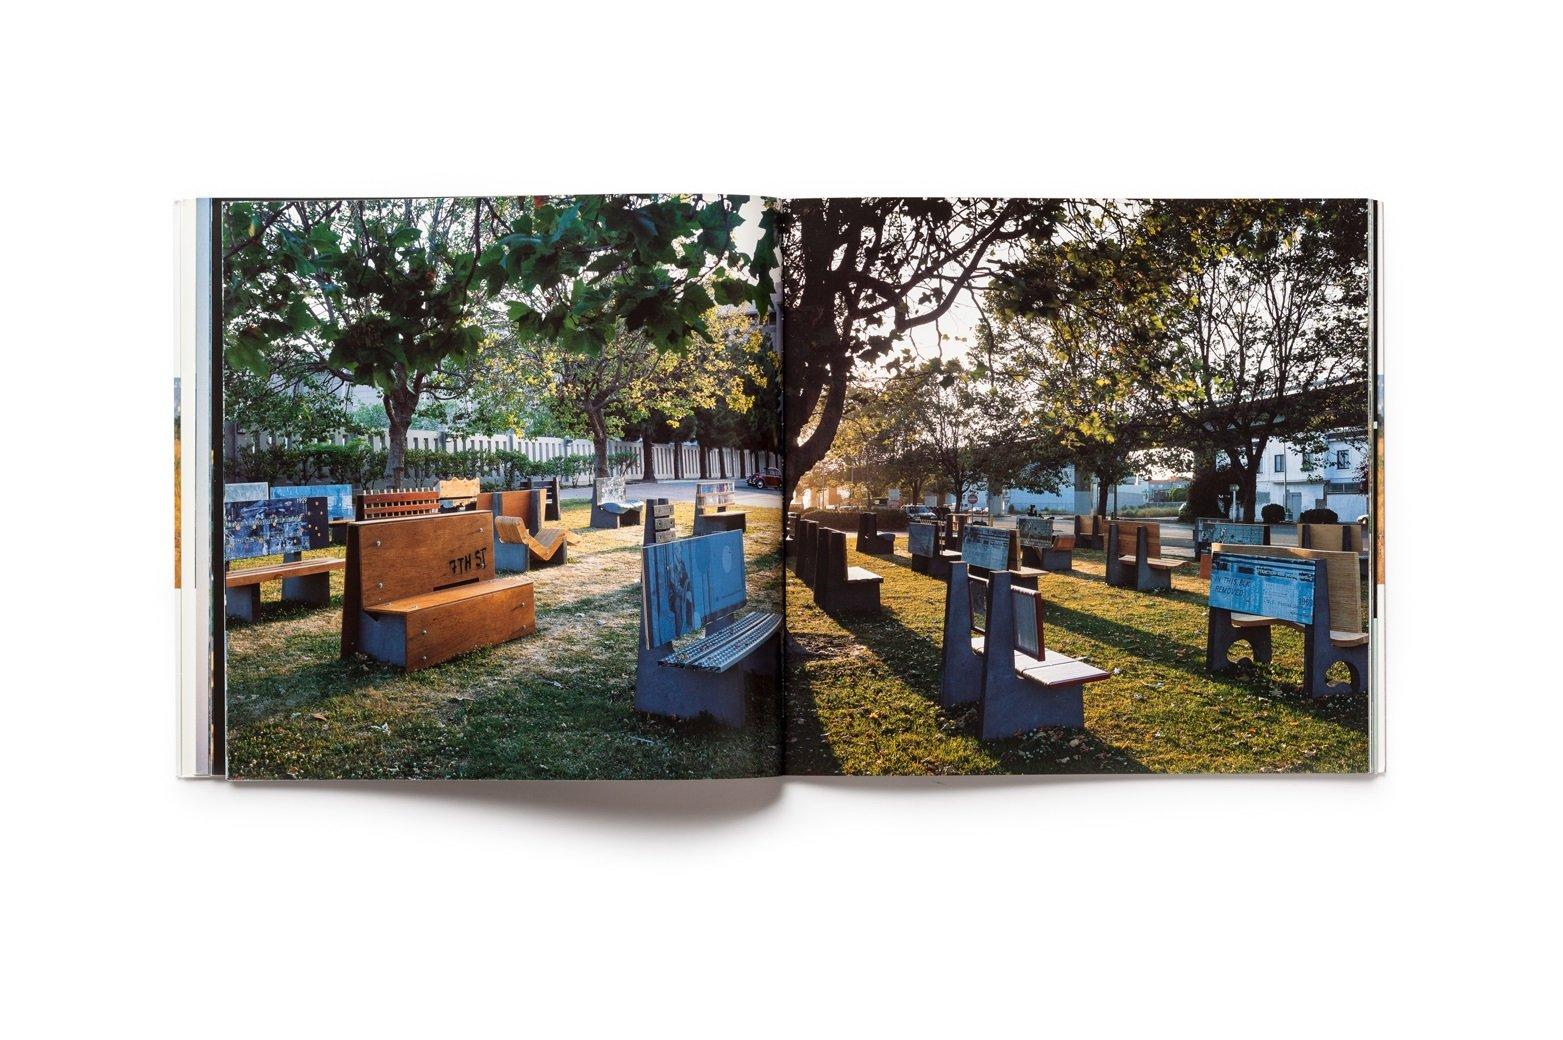 Revelatory Landscapes publication pages 52-53